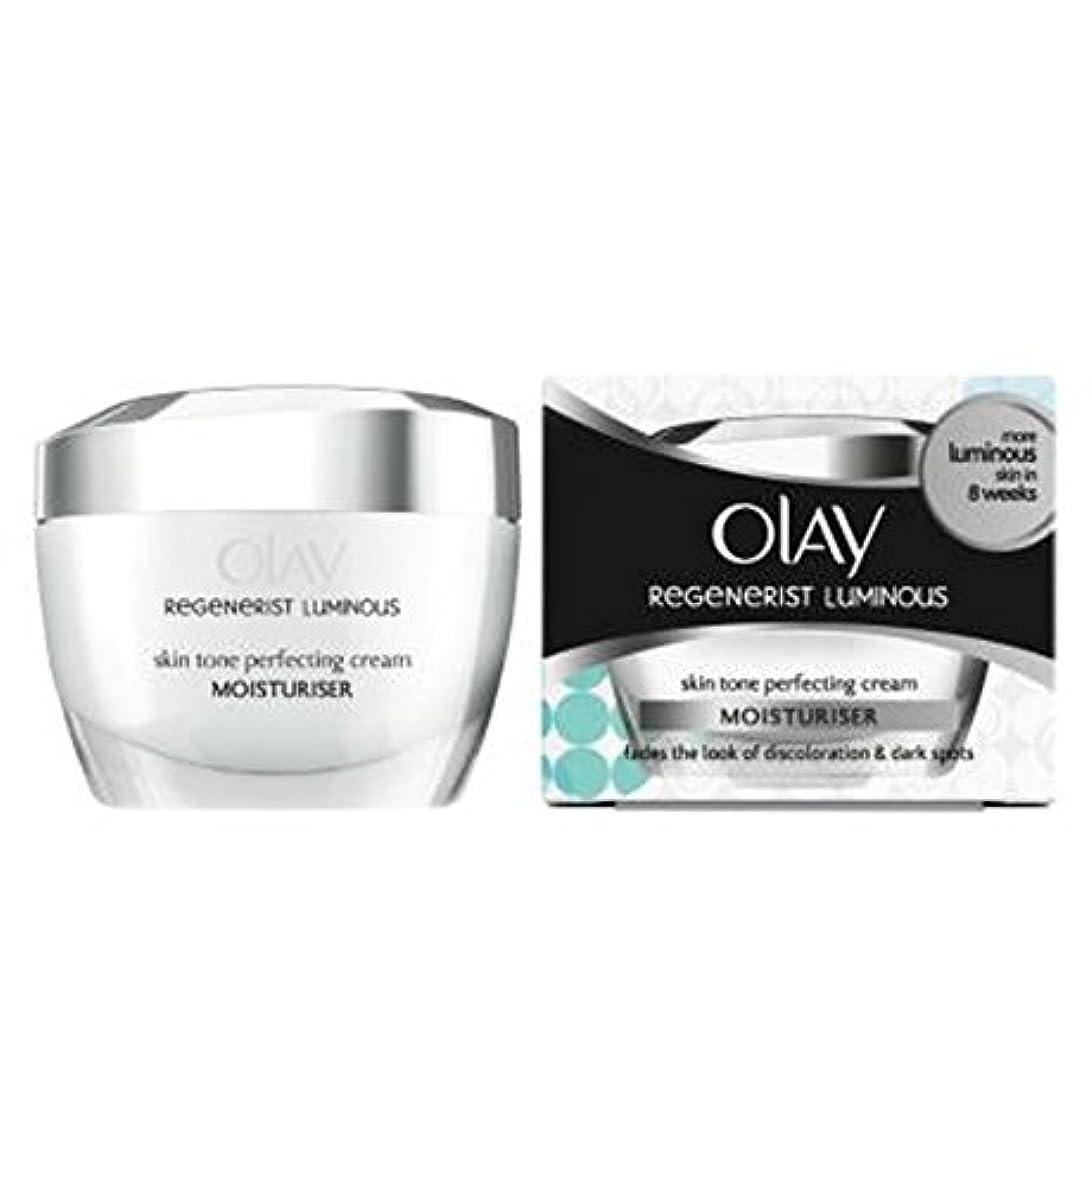 ルート評決フォローOlay Regenerist Luminous Skin Tone Perfecting Day Cream 50ml - デイクリーム50ミリリットルを完成オーレイリジェネ発光肌のトーン (Olay) [並行輸入品]